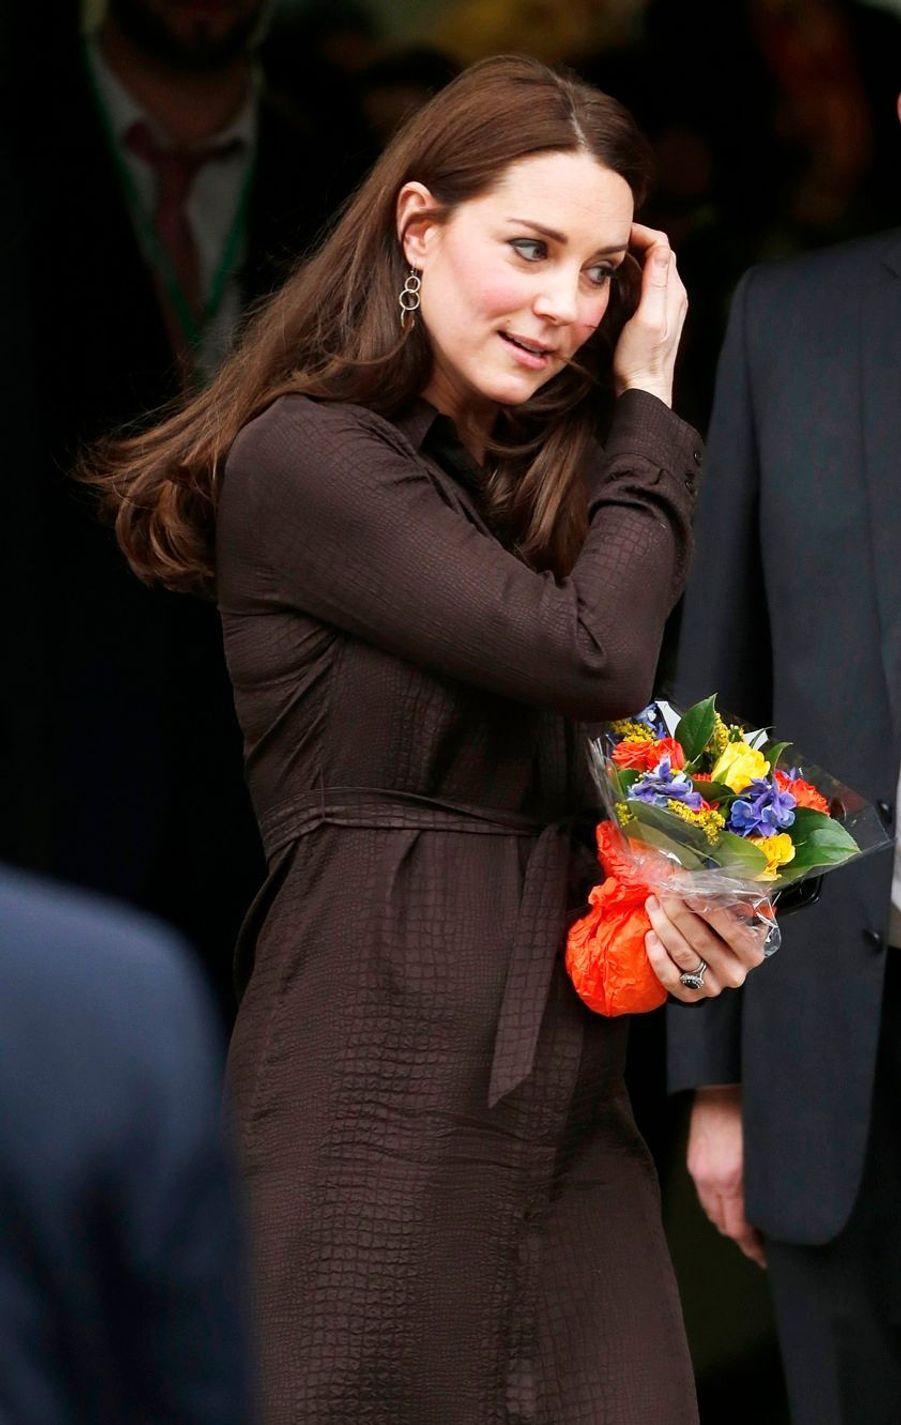 25 La Duchesse De Cambridge, Née Kate Middleton, En Visite Dans Une Association De Familles D'accueil